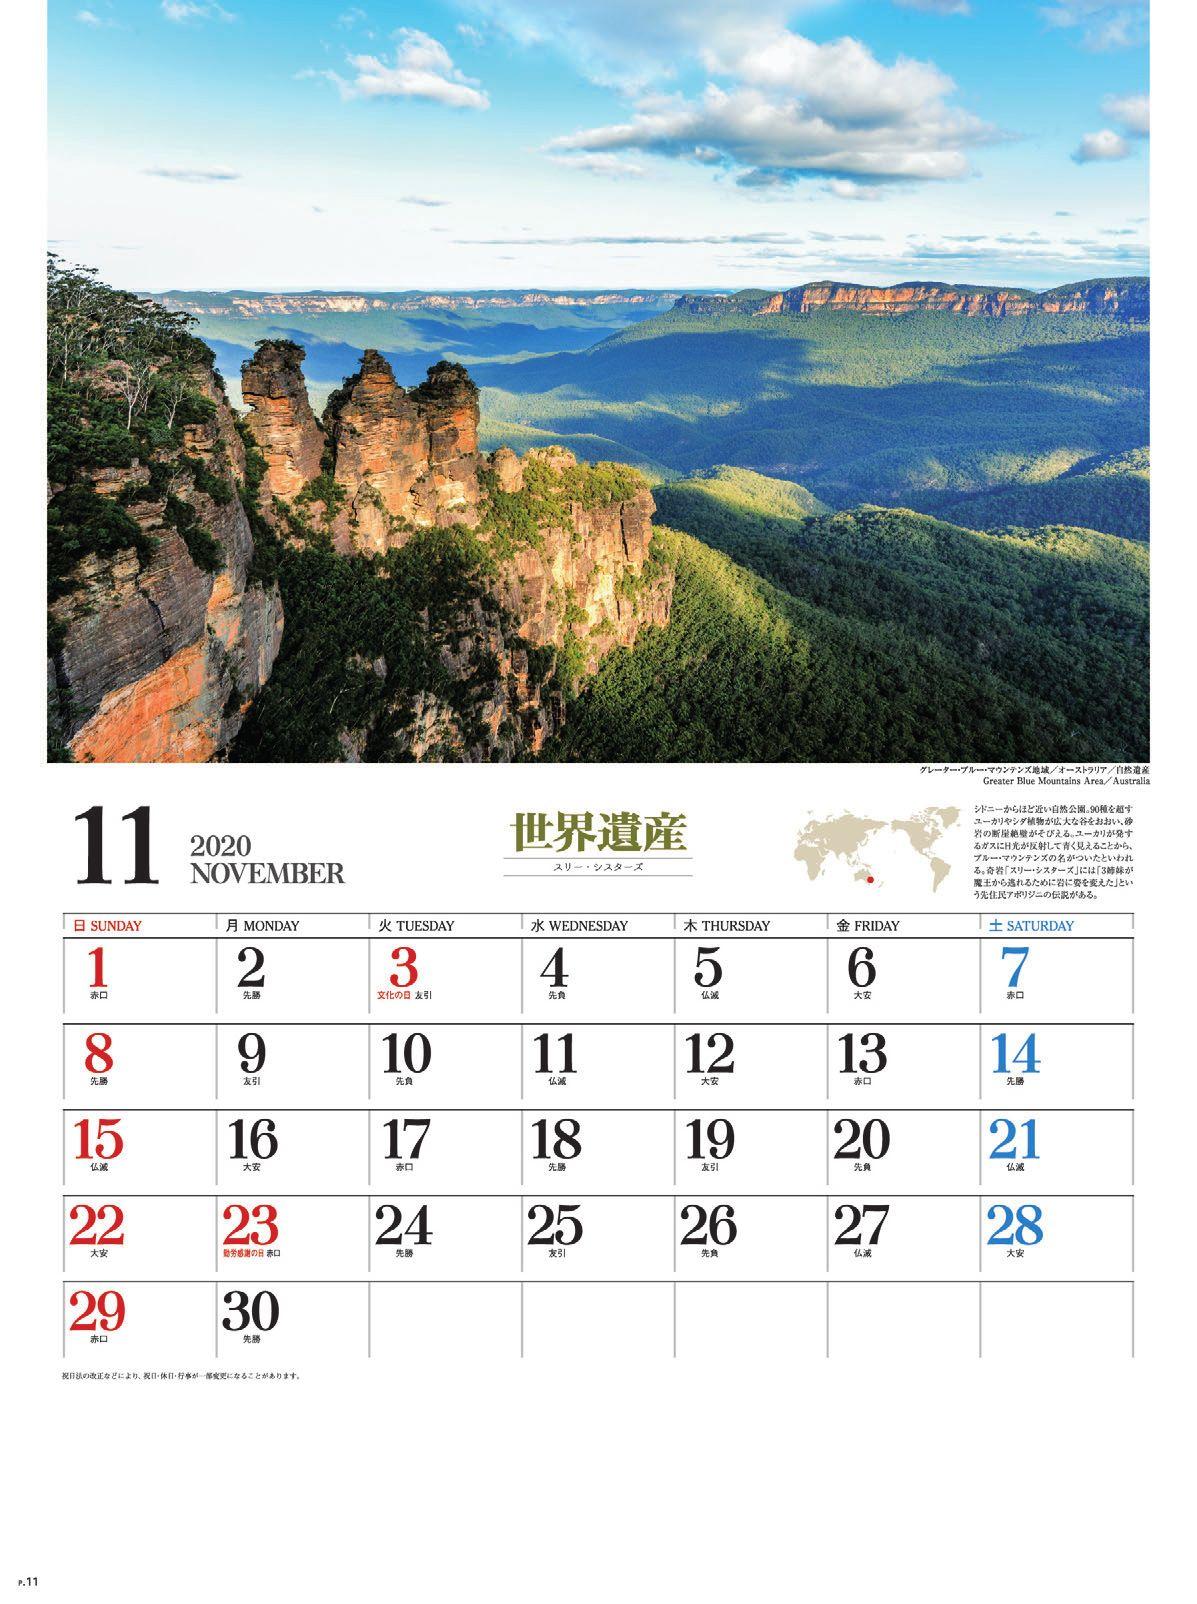 画像:スリー・シスターズ(オーストラリア) ユネスコ世界遺産 2020年カレンダー